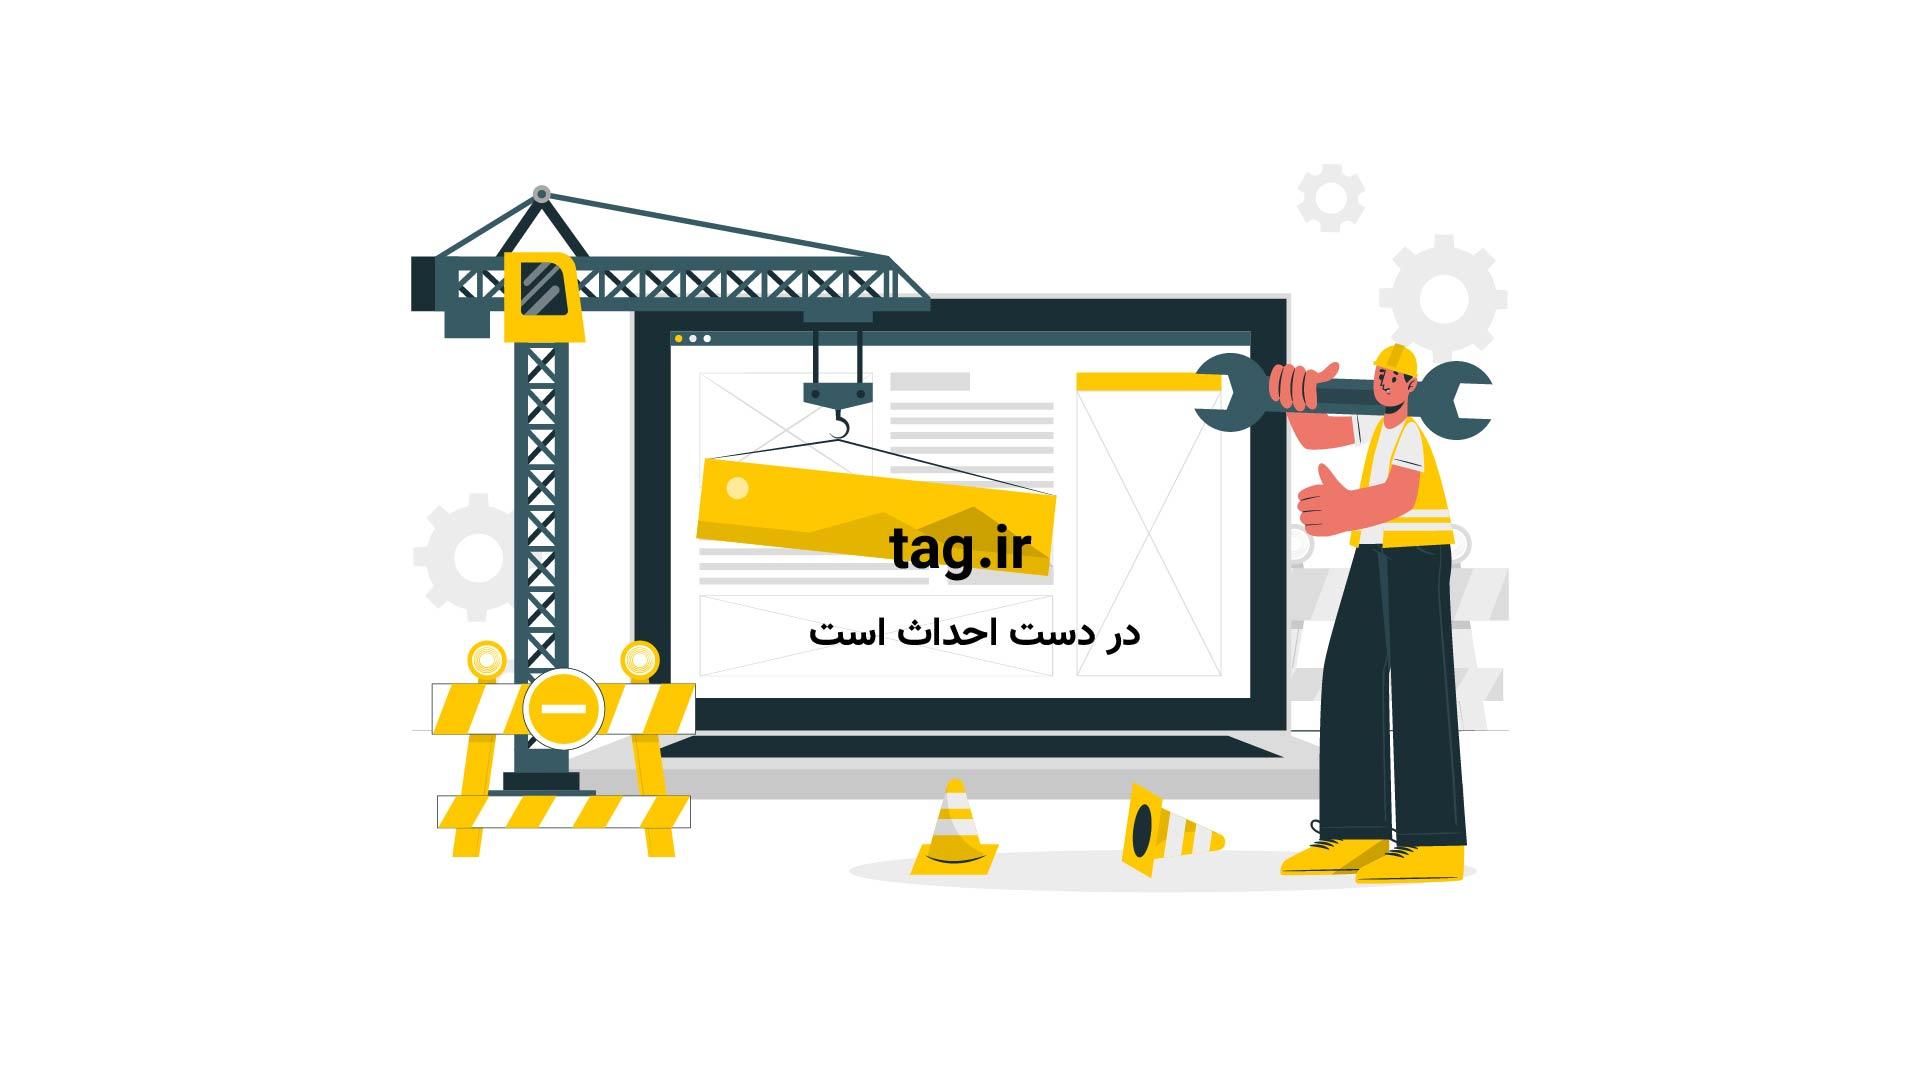 اعمال سلیقه در آشپزی از زبان طنز مهران مدیری در دورهمی   فیلم